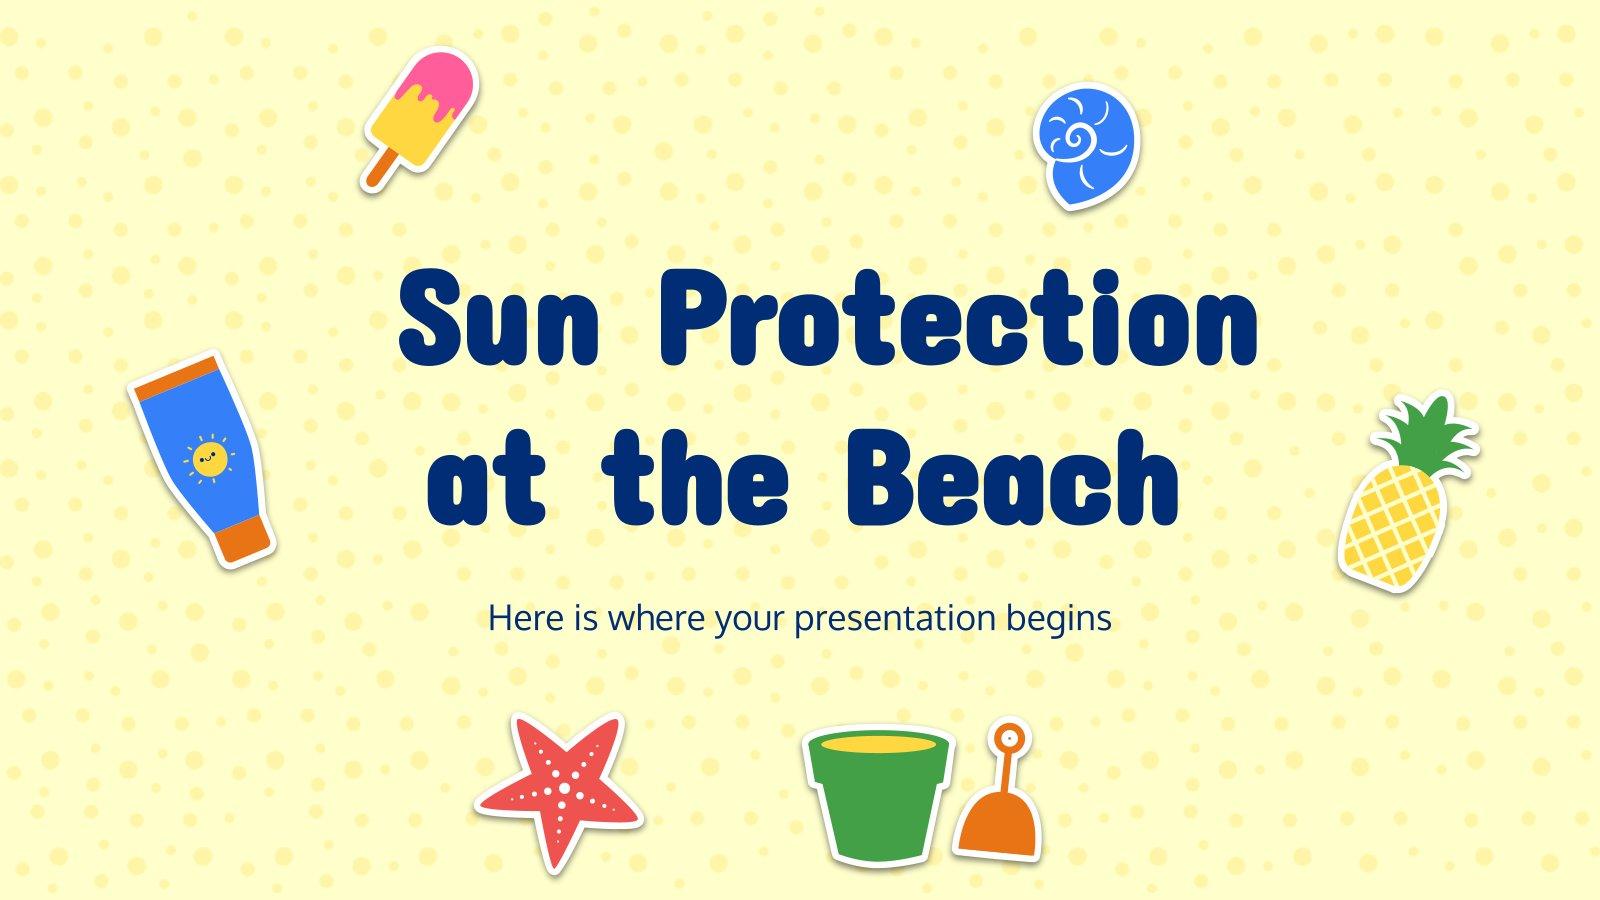 Plantilla de presentación Protección solar en la playa